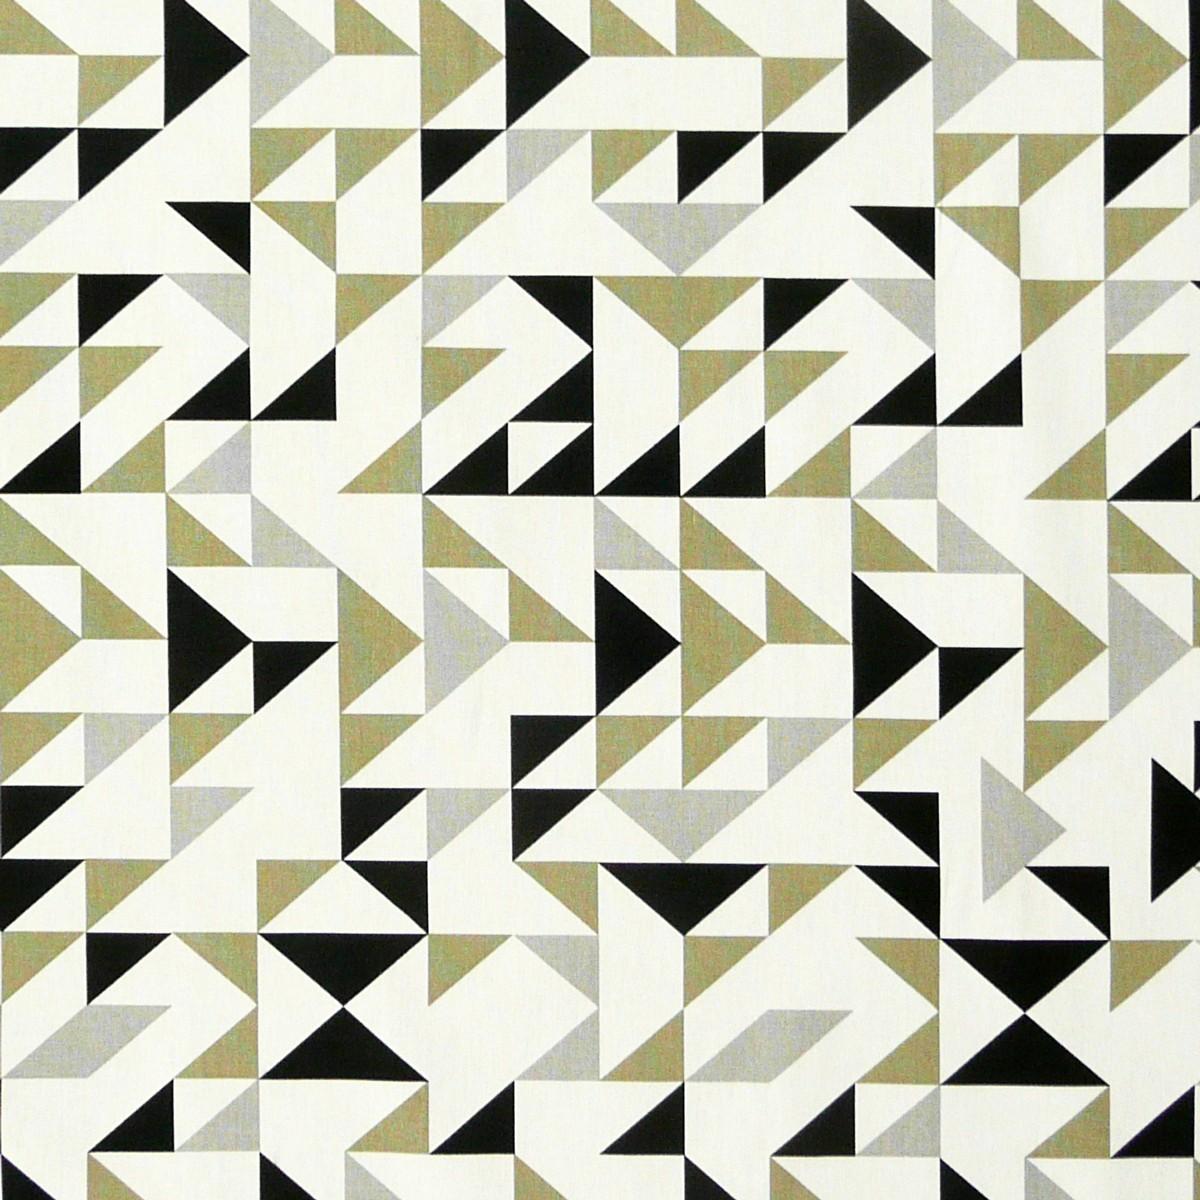 Dekostoff Dreiecke weiß grau khaki schwarz 137cm